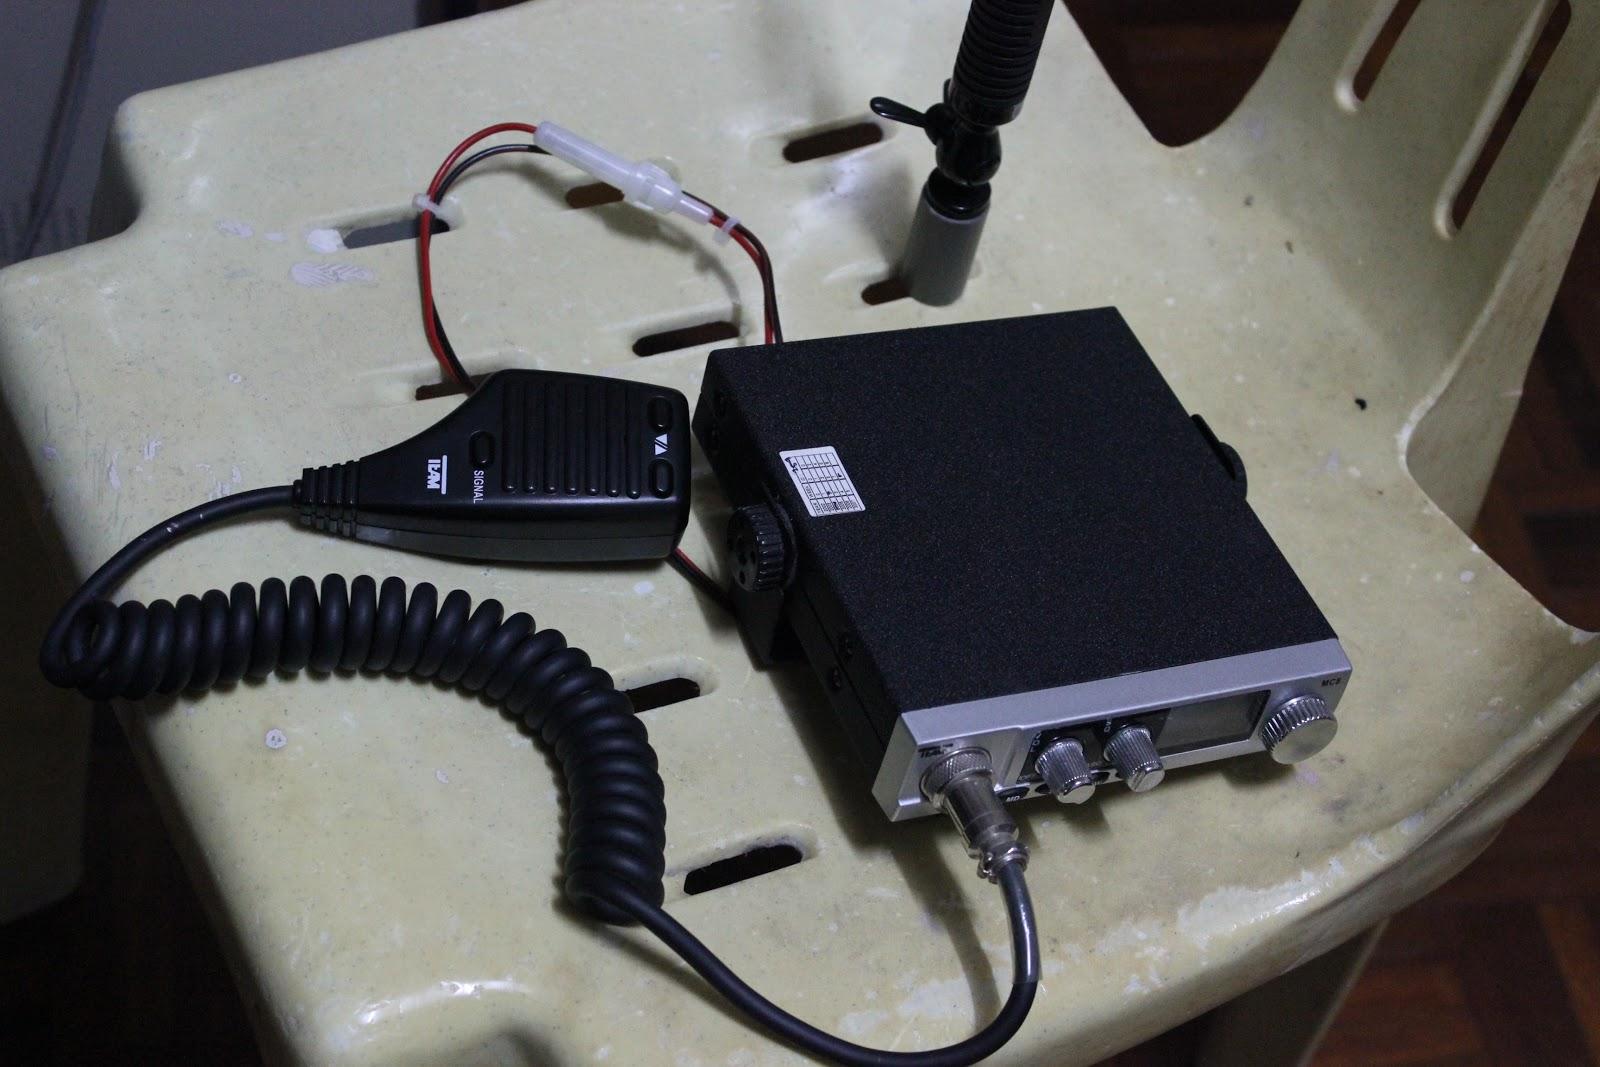 Cb Radio 113dt104 113mb104 Mobile Antenna Installation Wire Harness Adalah Team 27 Yang Di Ubahsuai Dan Mc 8